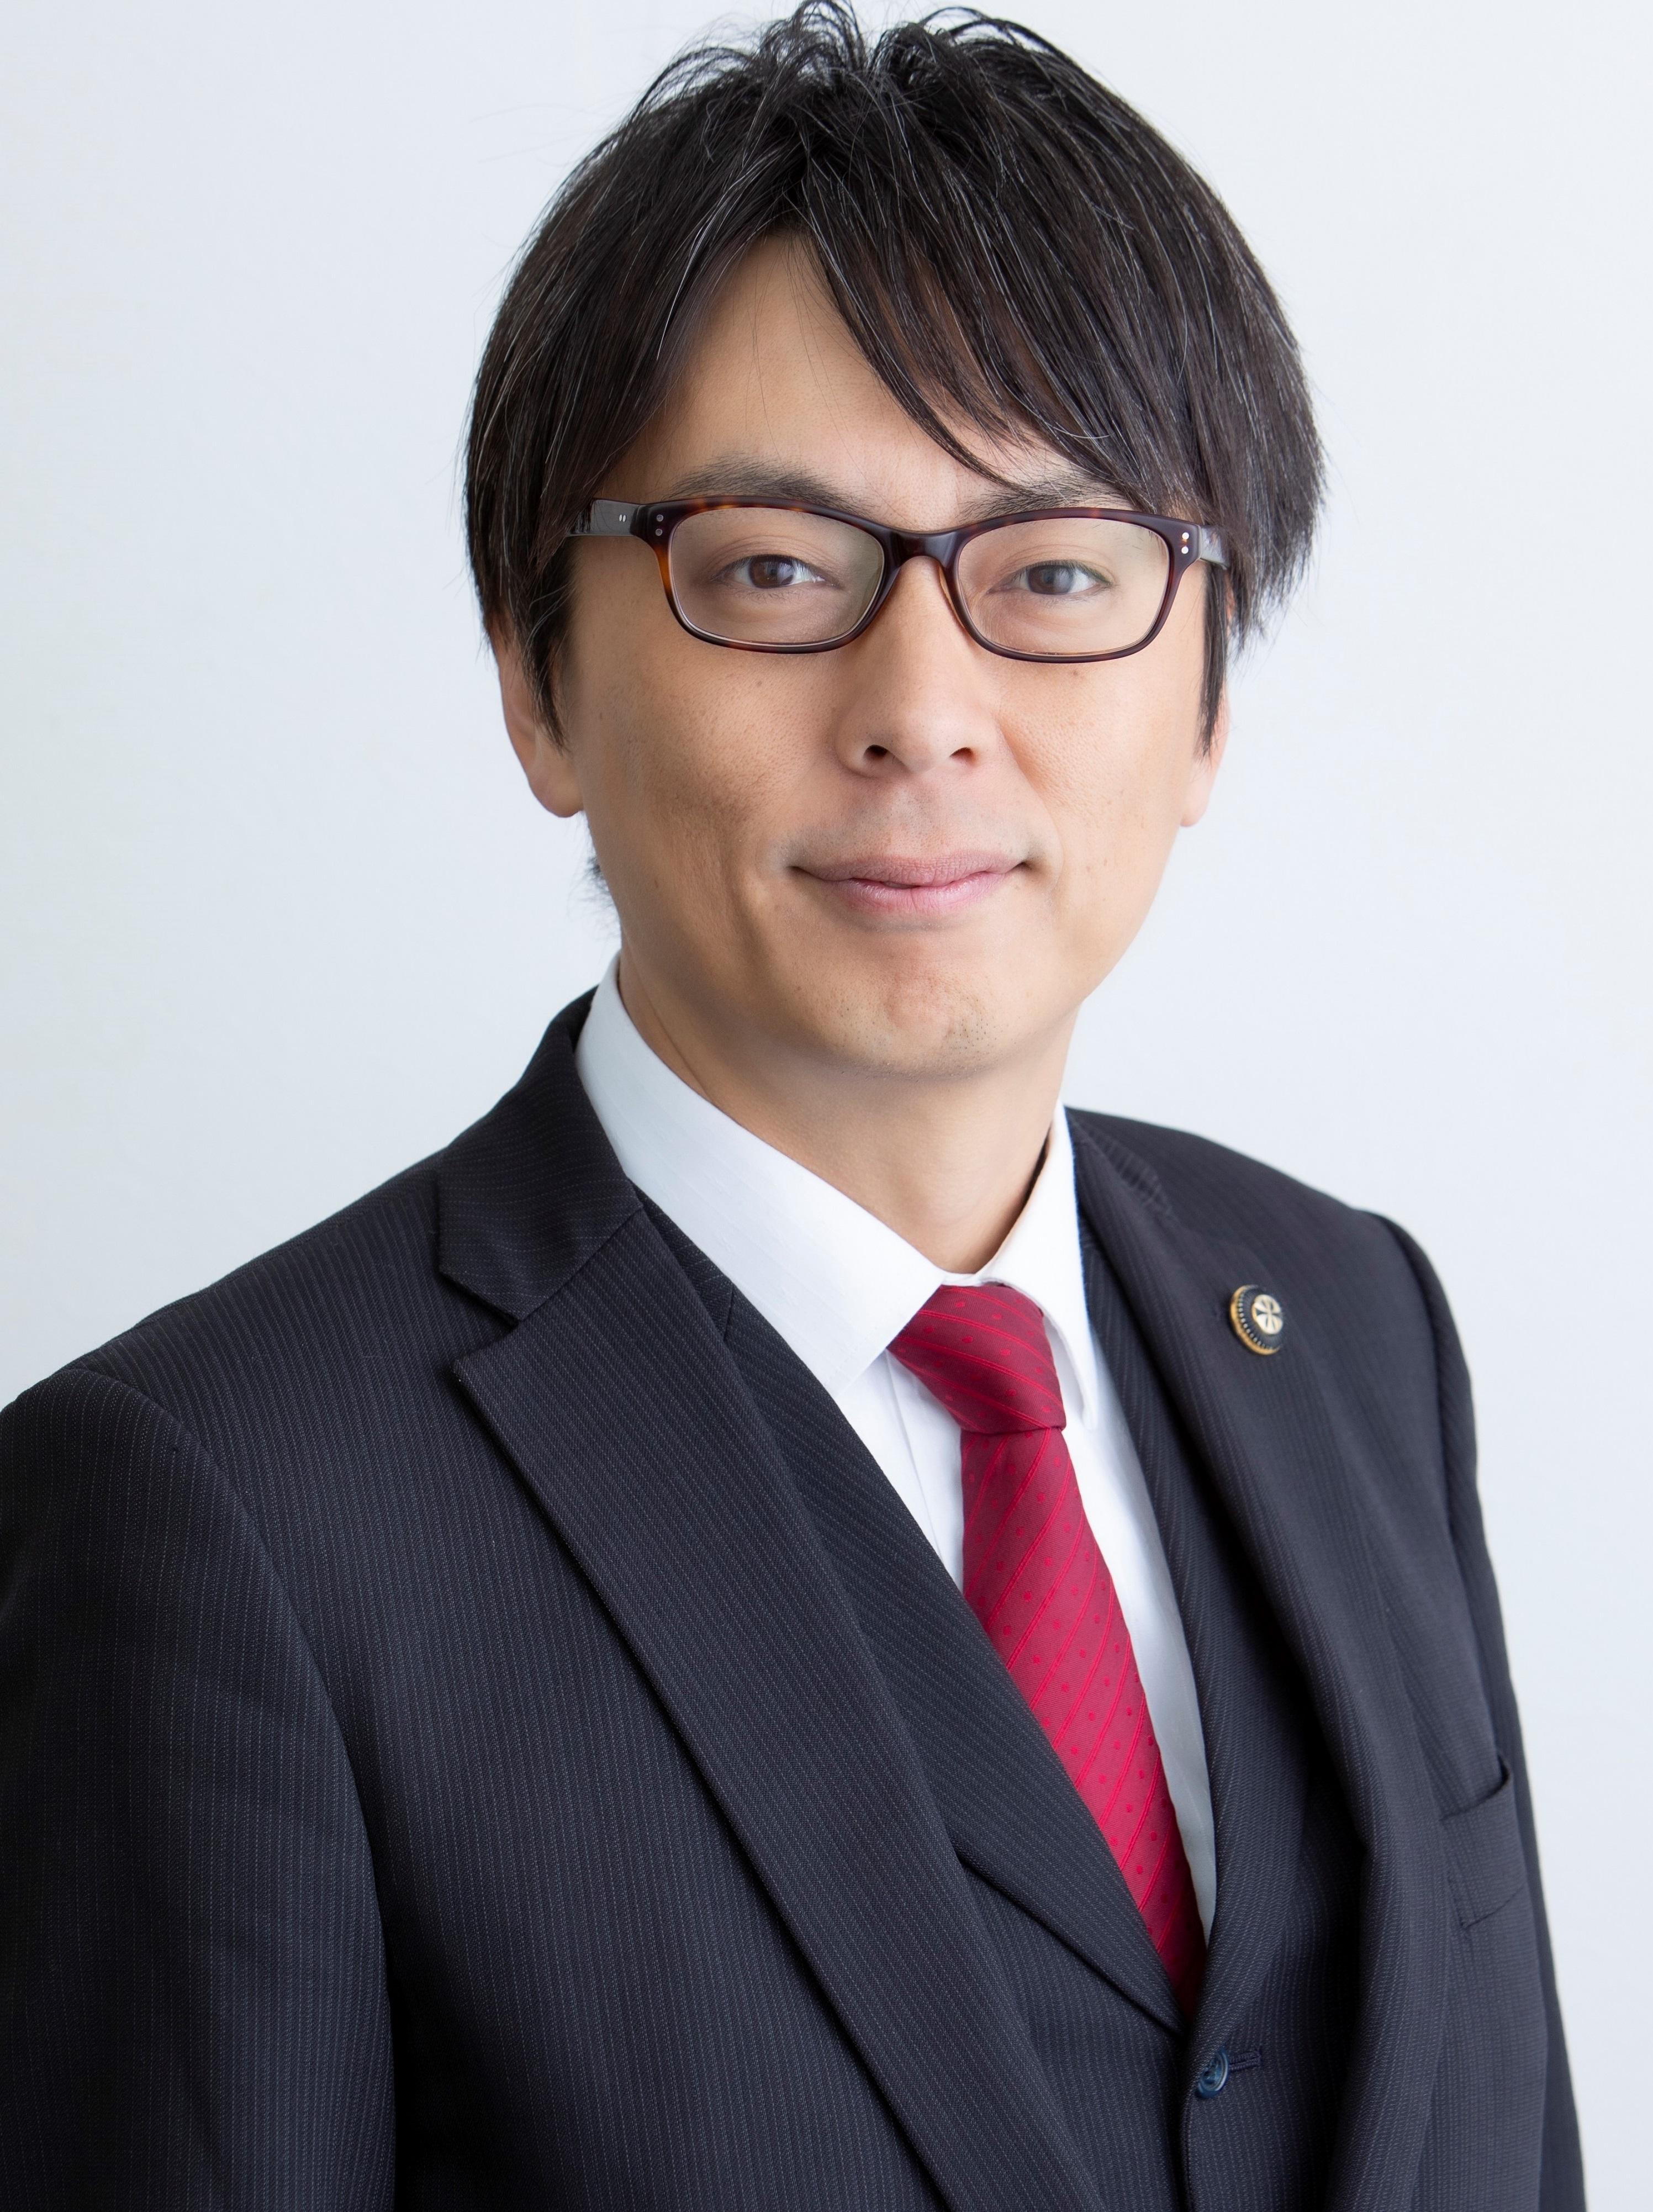 茨木 市 市長 選挙